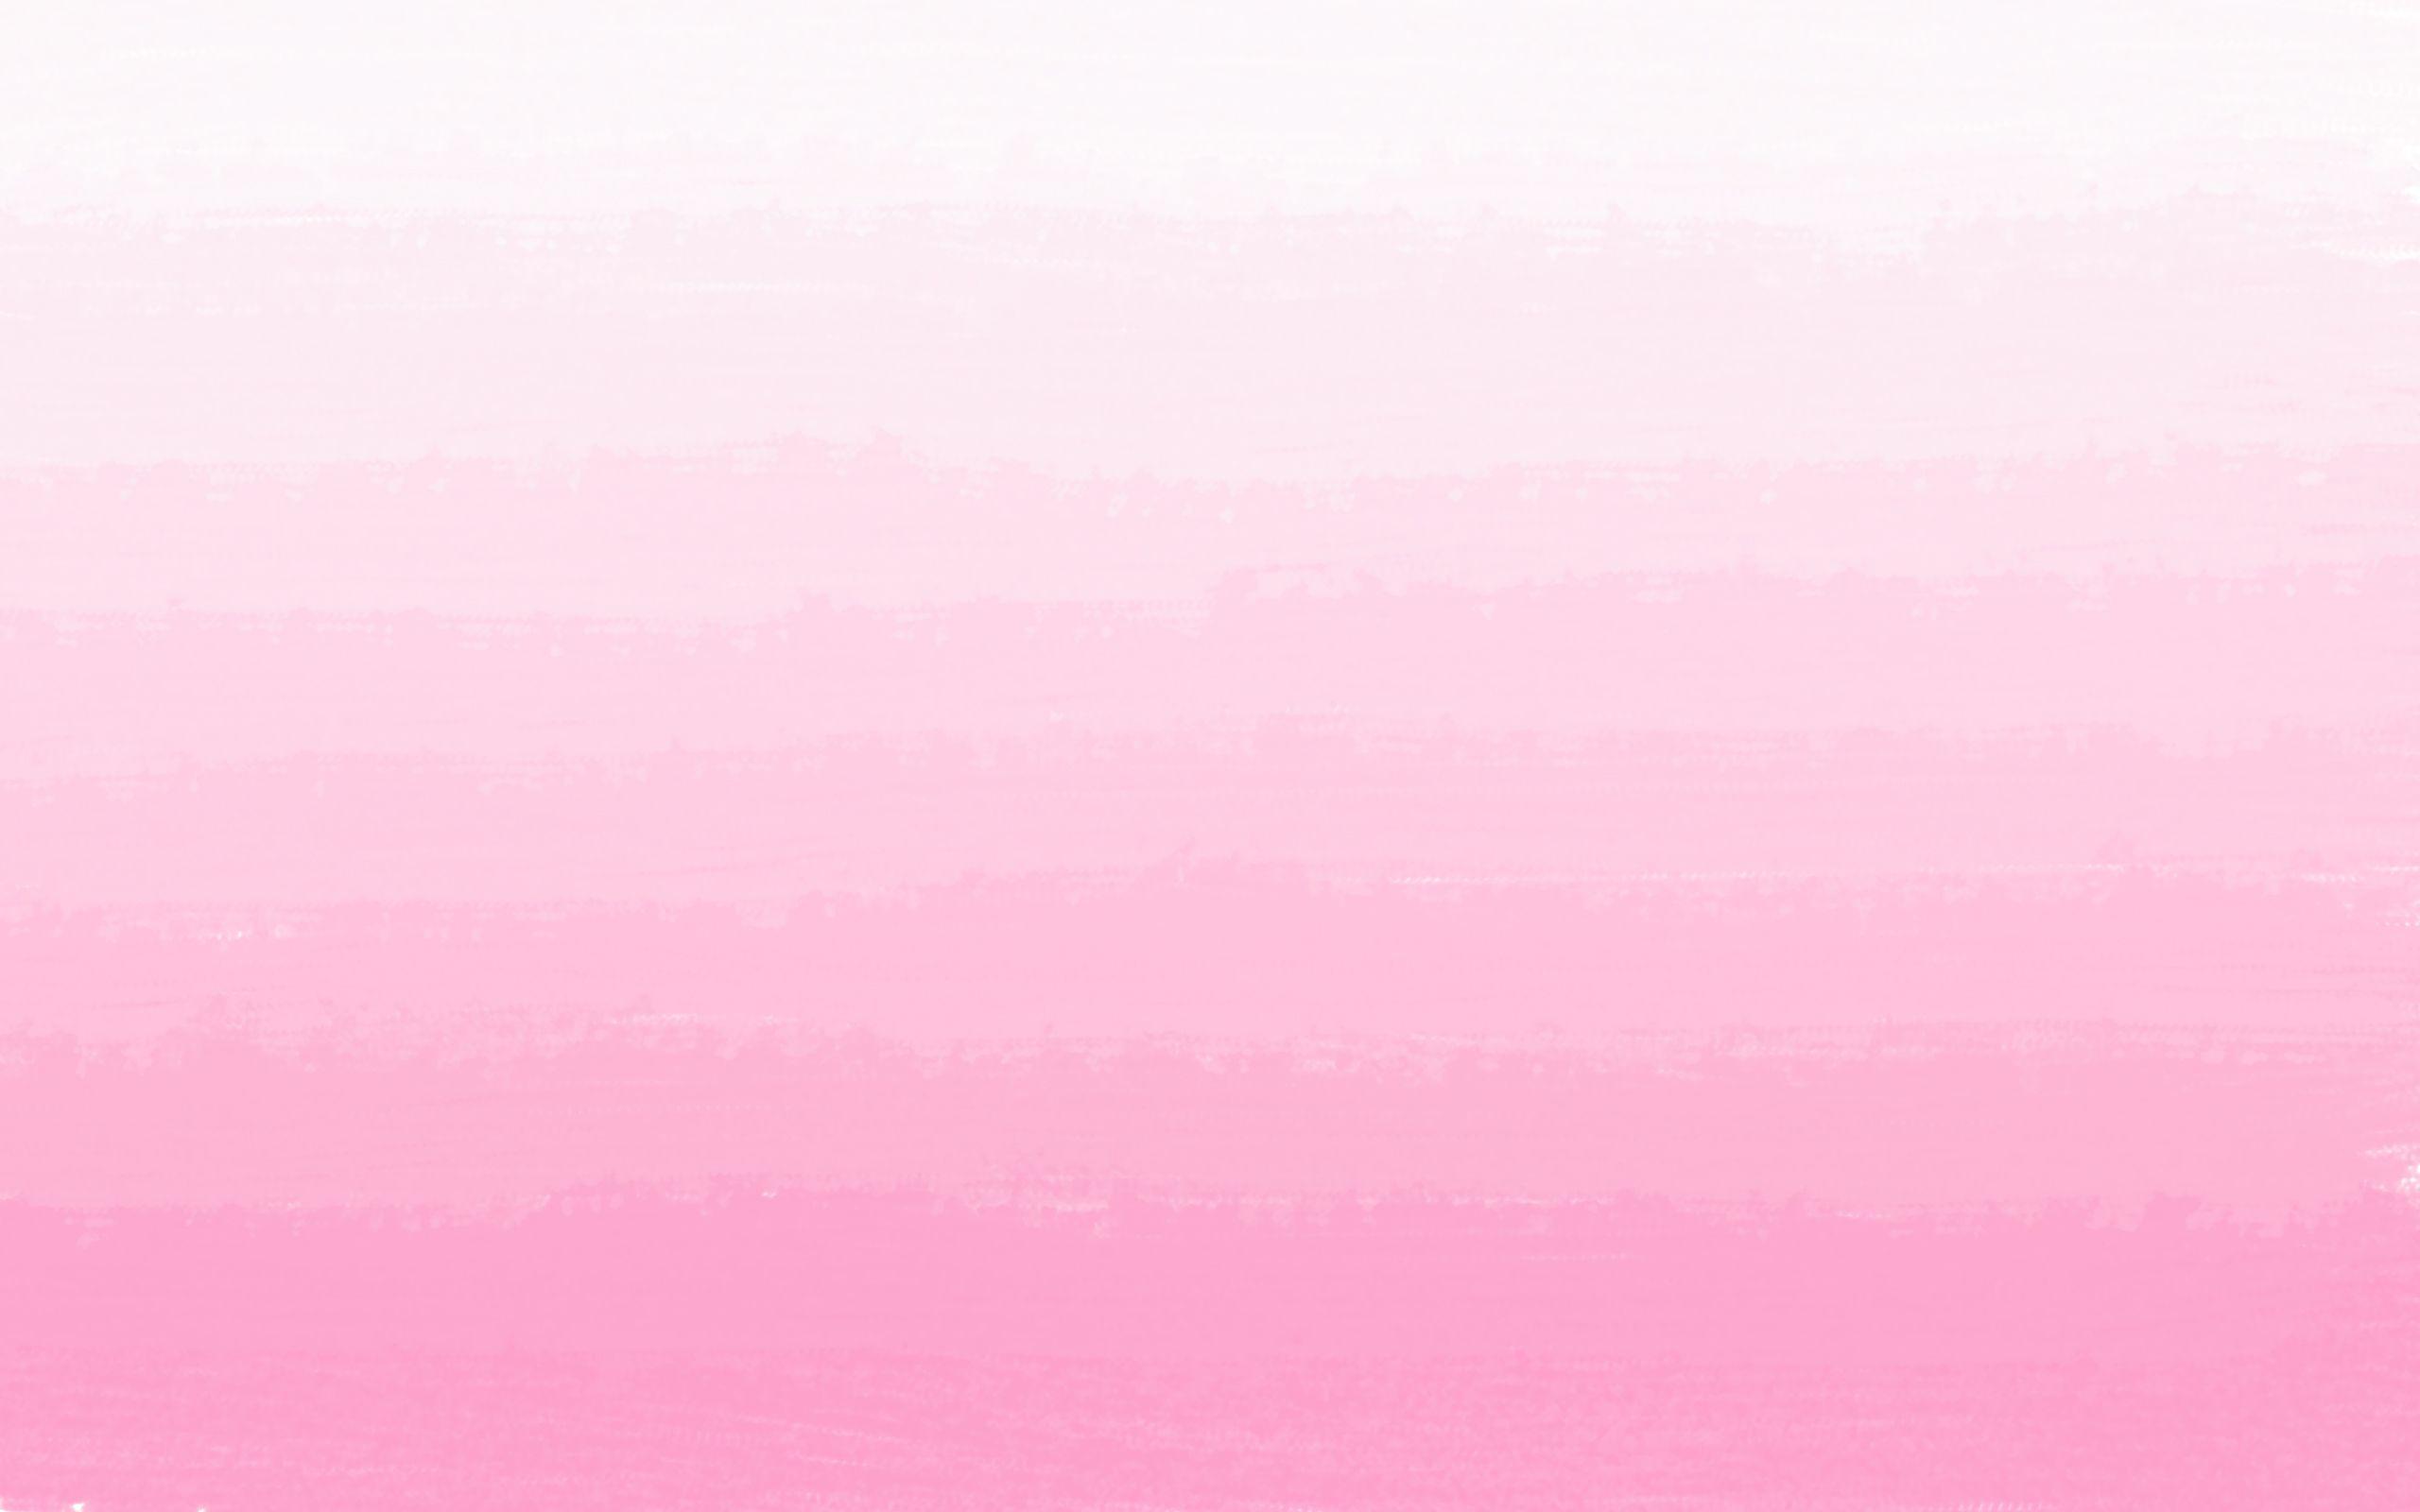 Pink Pastel Laptop Wallpapers - Top Free Pink Pastel ...